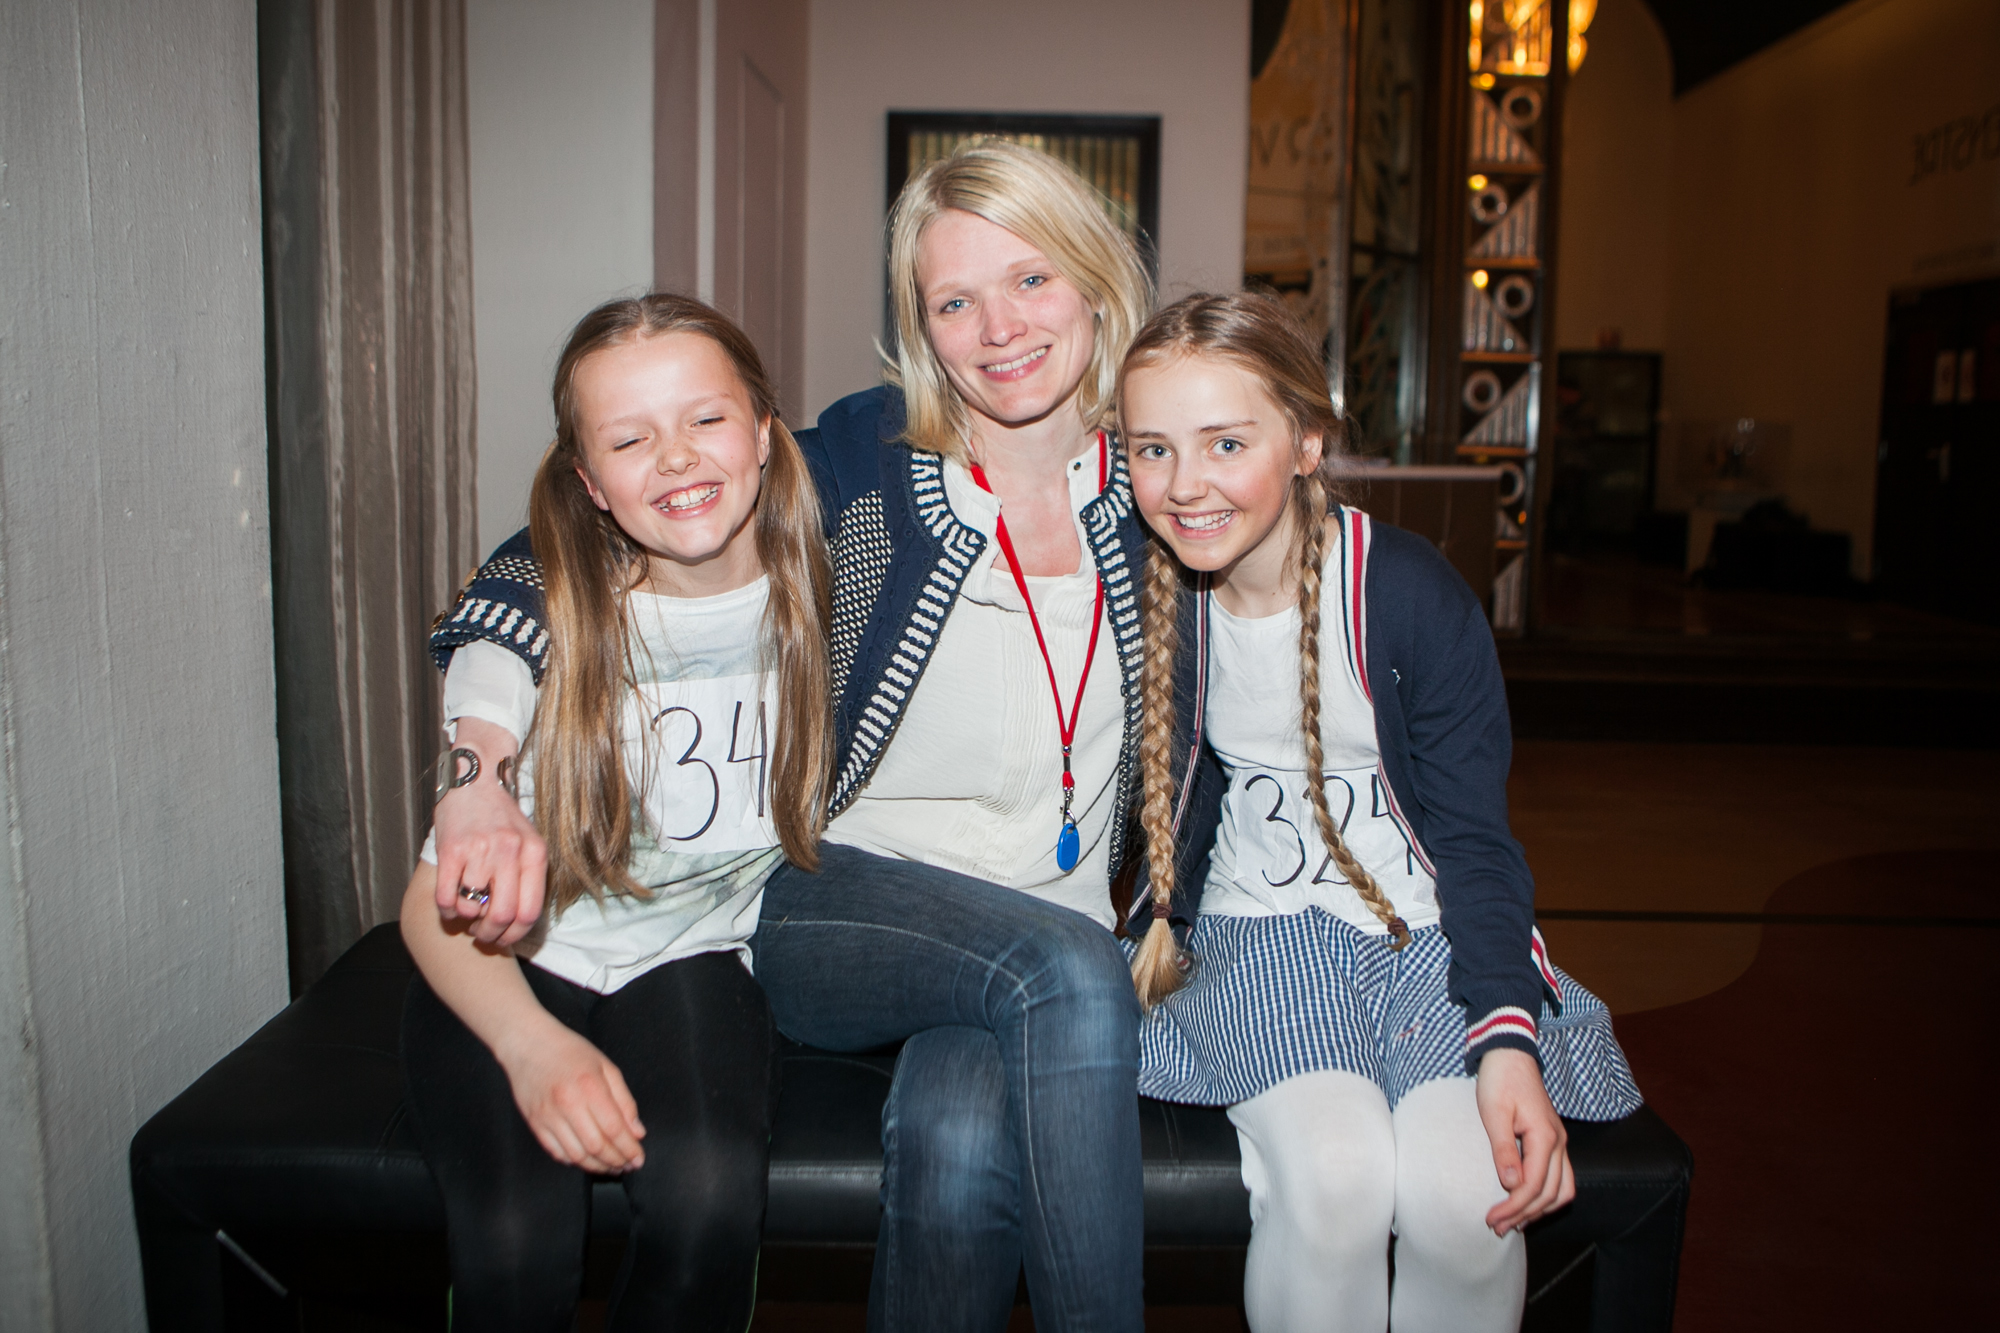 Tre som ståler av glede - produsent Karianne Jæger er svært fornøyd med å ha funnet sine to Annier. Nora Helen Bratfos og Mathea-Mari Glittenberg